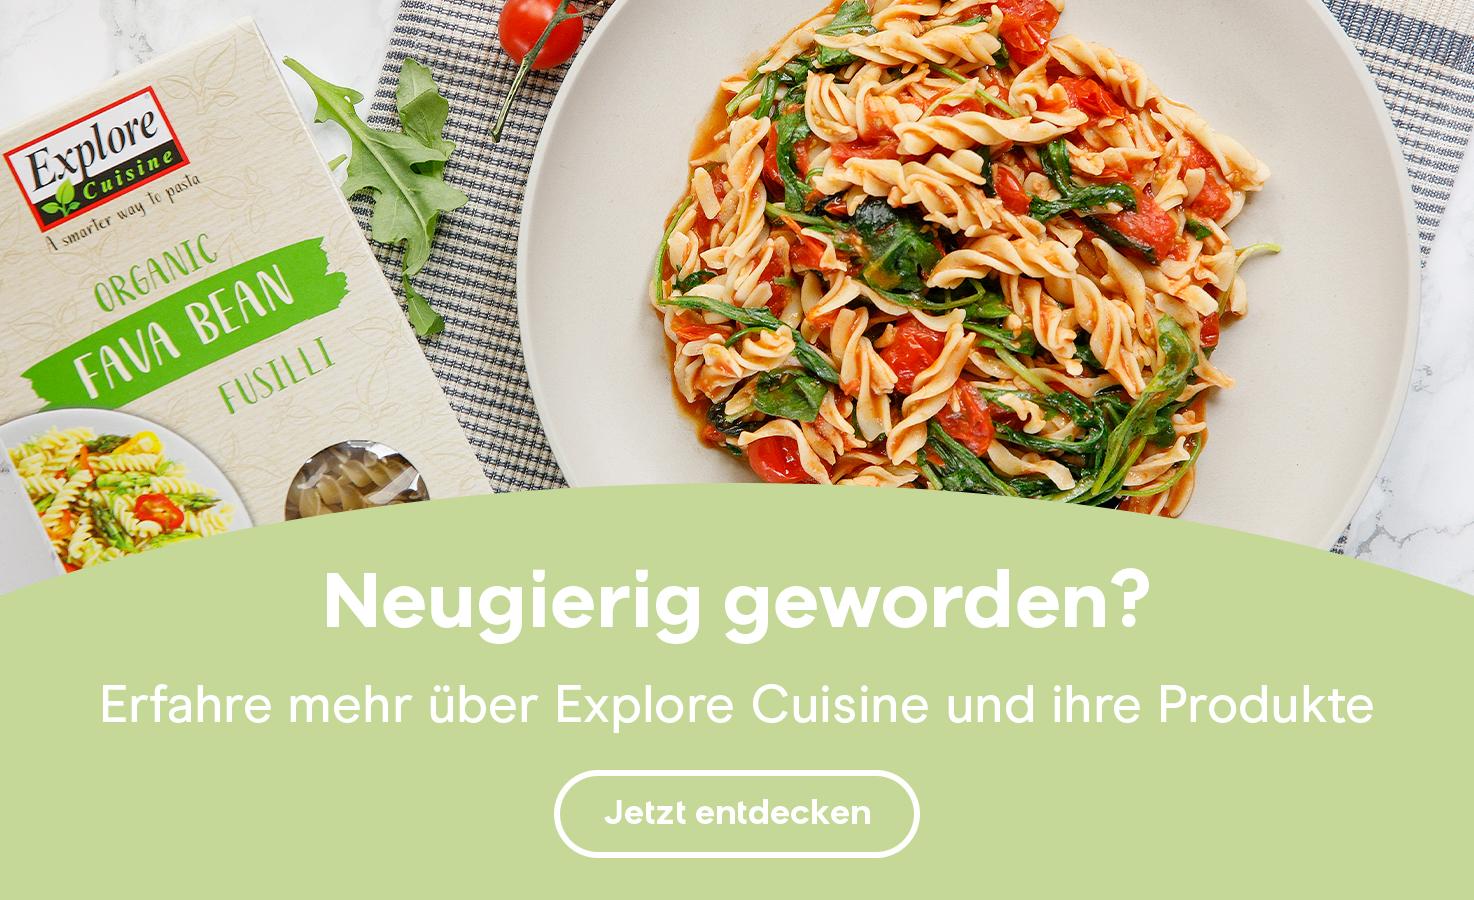 Explore Cuisine Manufakturseite